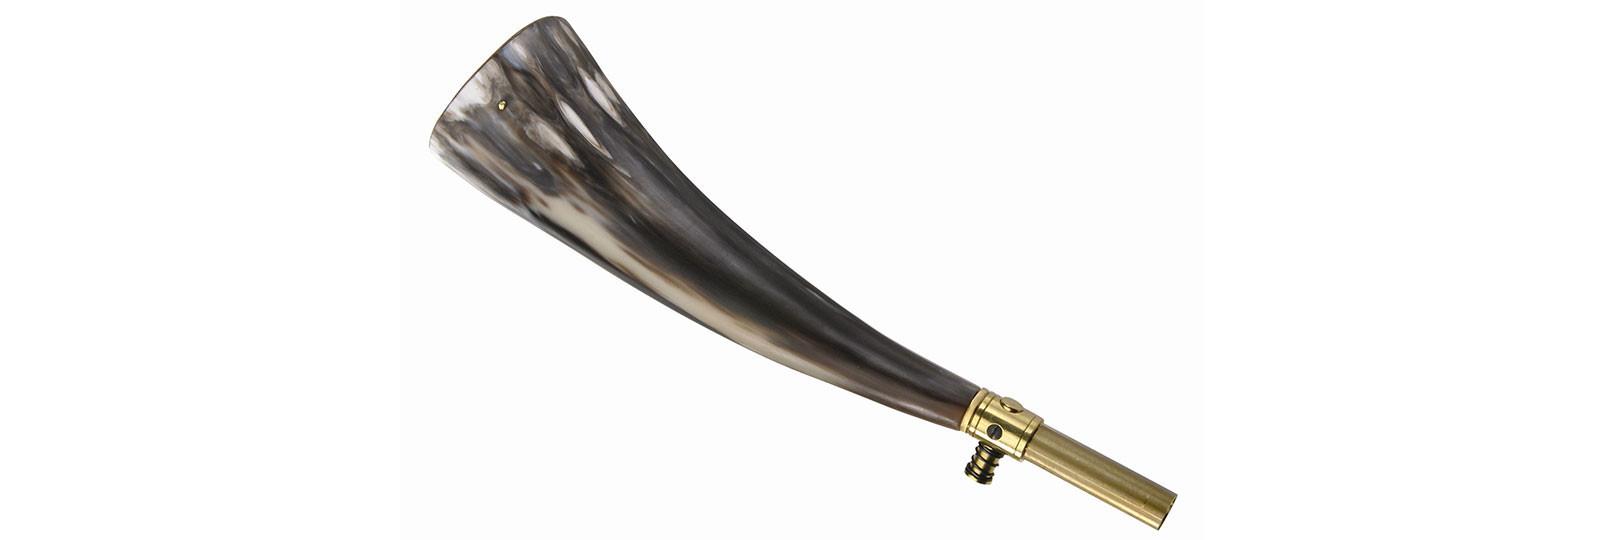 Fiaschetta corno piccolo